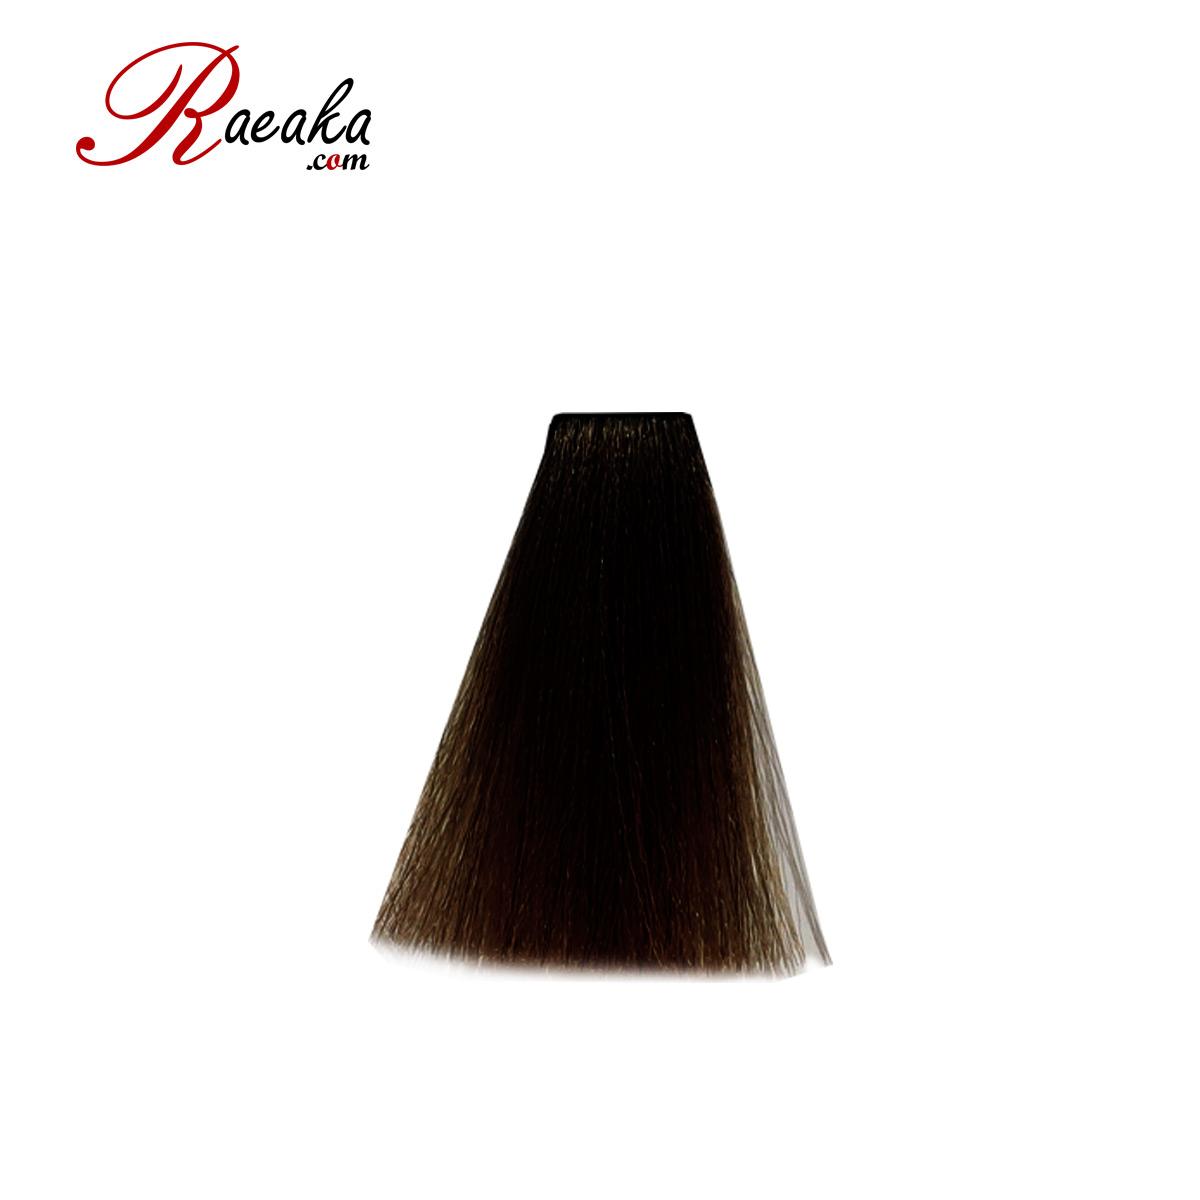 رنگ مو دوشس سری طبیعی اکسترا شماره 00-6 حجم 125 میلی لیتر